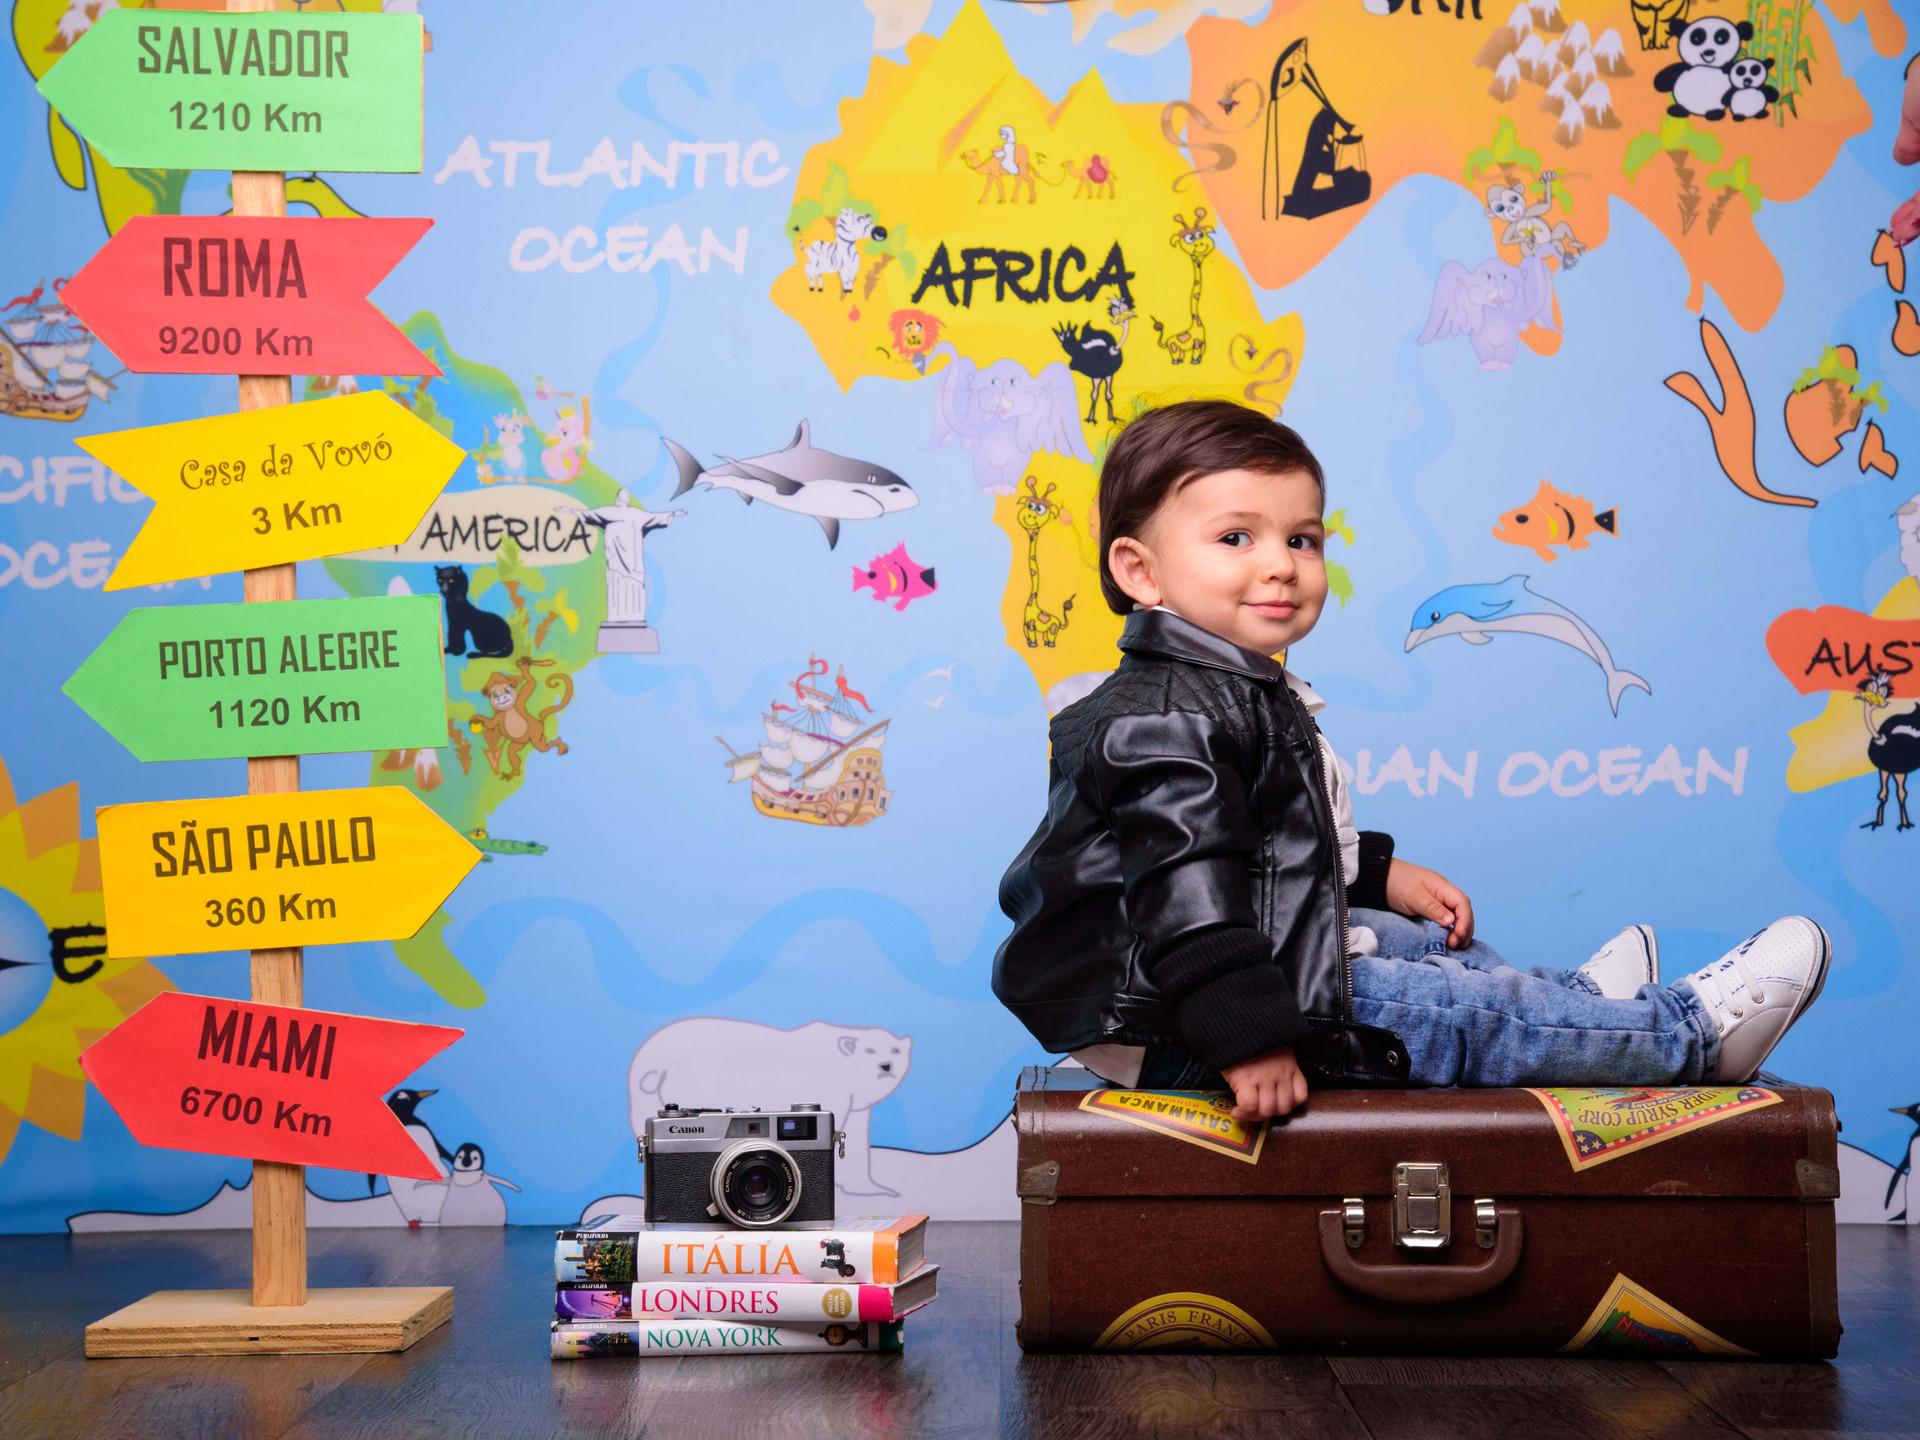 viagem, volta ao mundo, mala, destinos, look de viagem bebê, sessão fotografica temática, sessão fotografica viagem, bebê viajante, bebê estiloso, fotos de viagem,